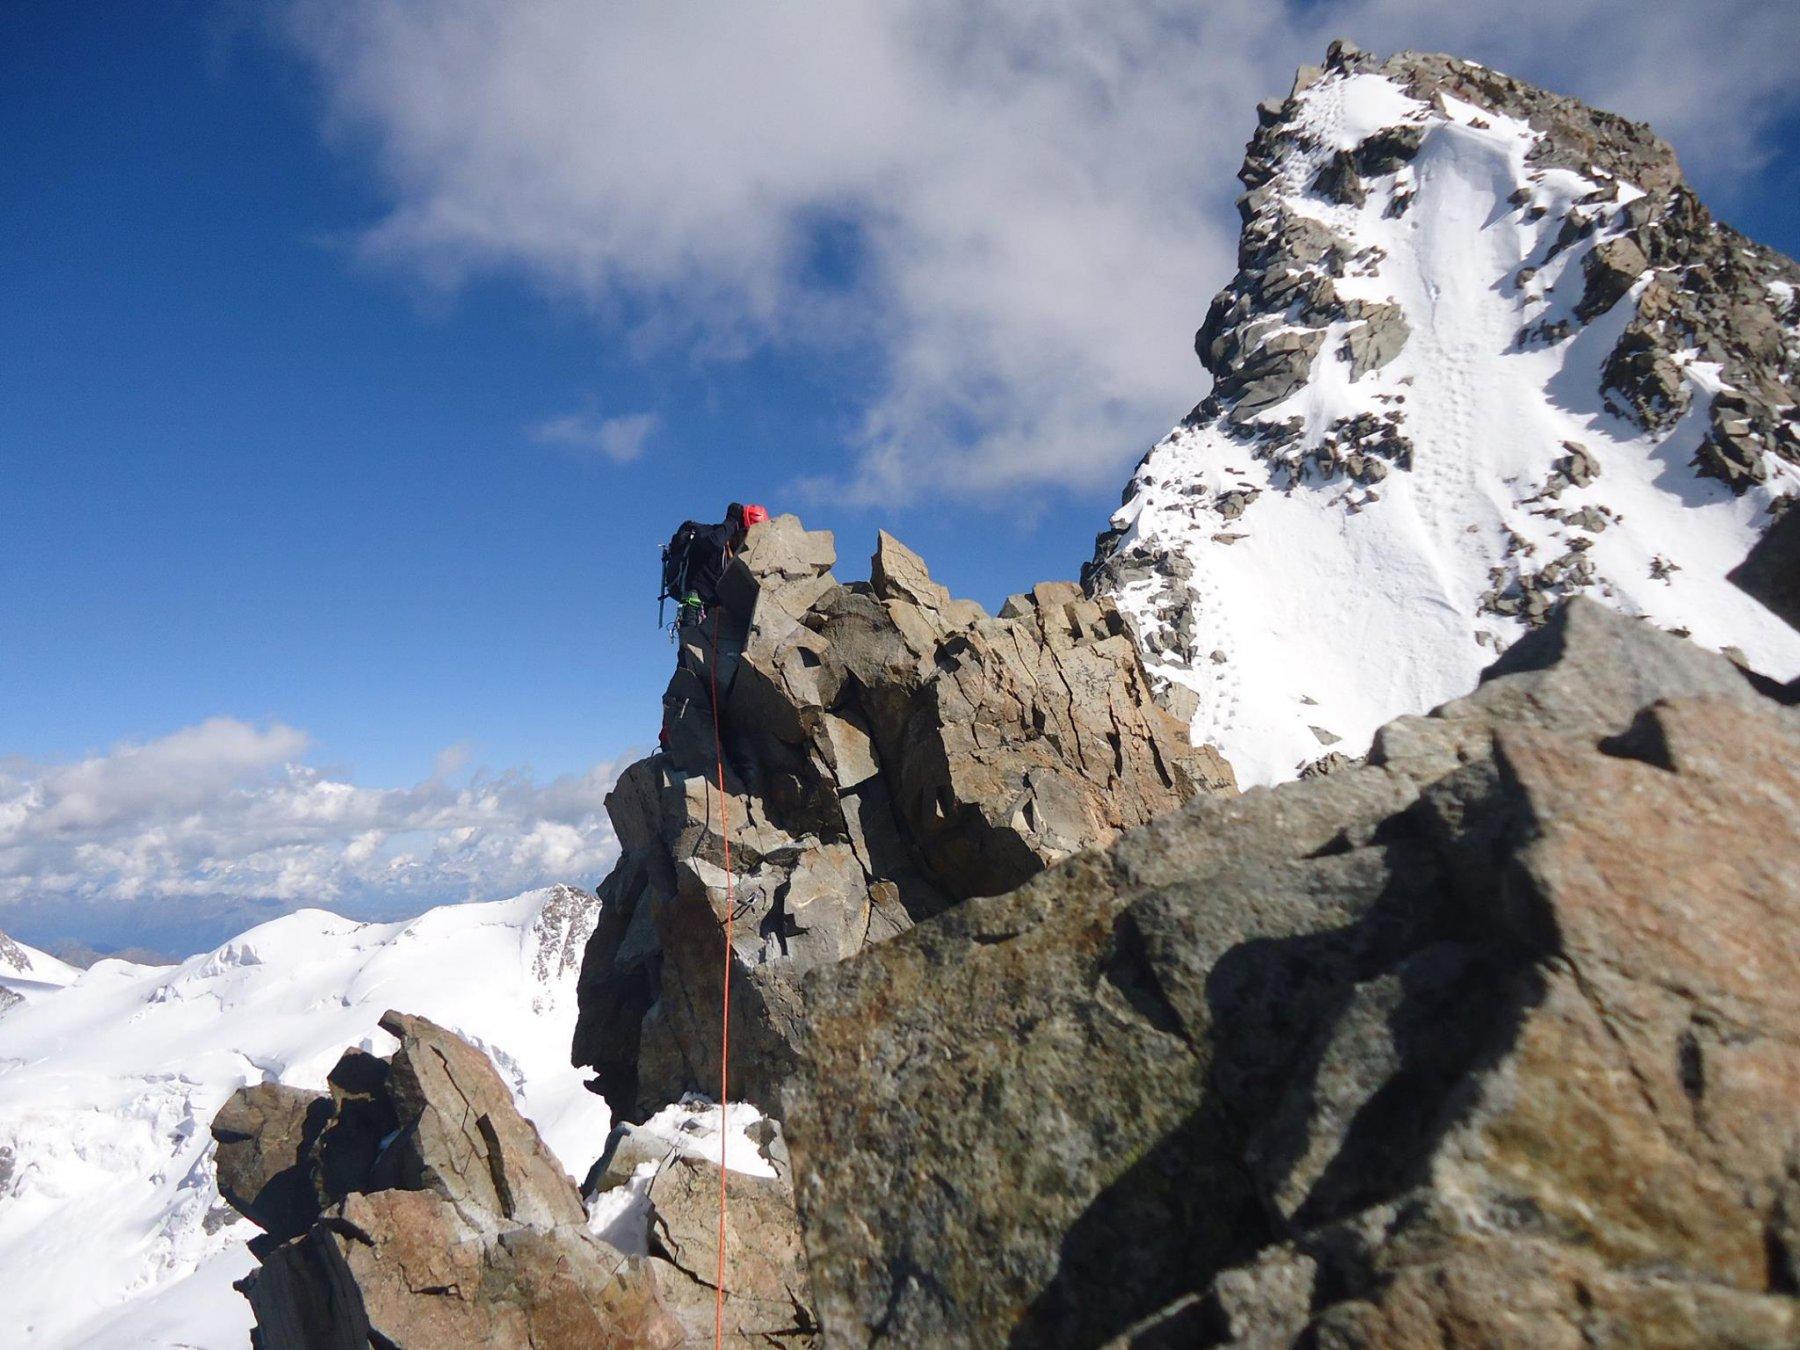 Verso l'attacco dell'ultimo torrione, prima della vetta svizzera del Bernina.